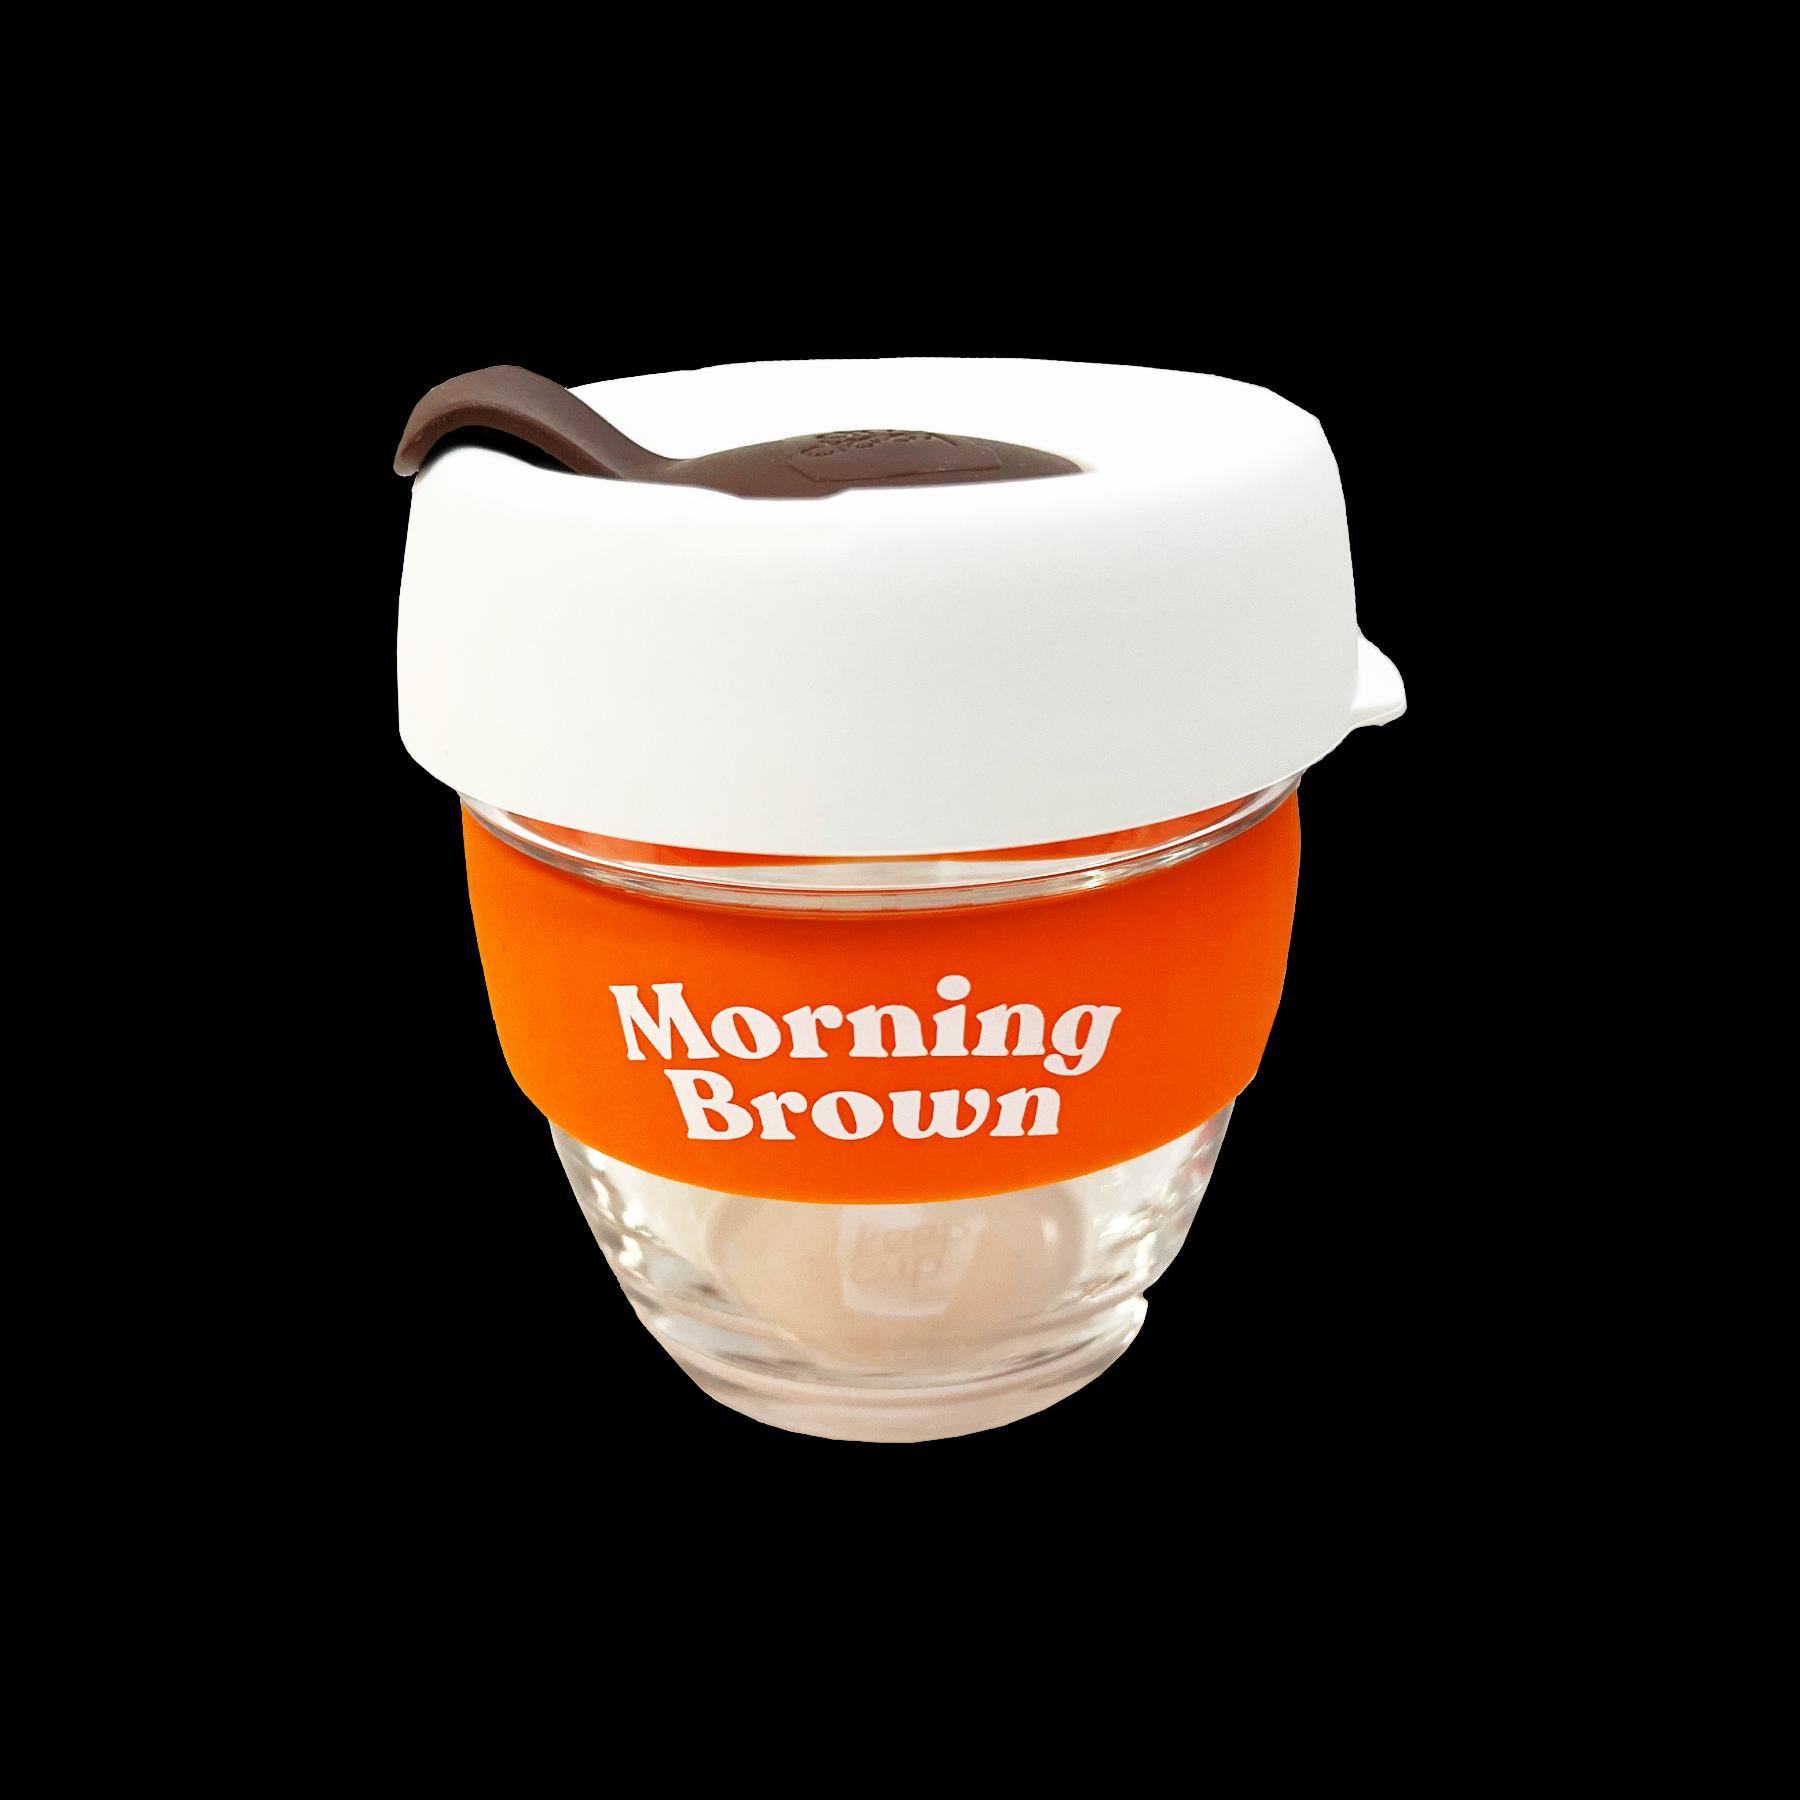 Morning Brown KeepCup